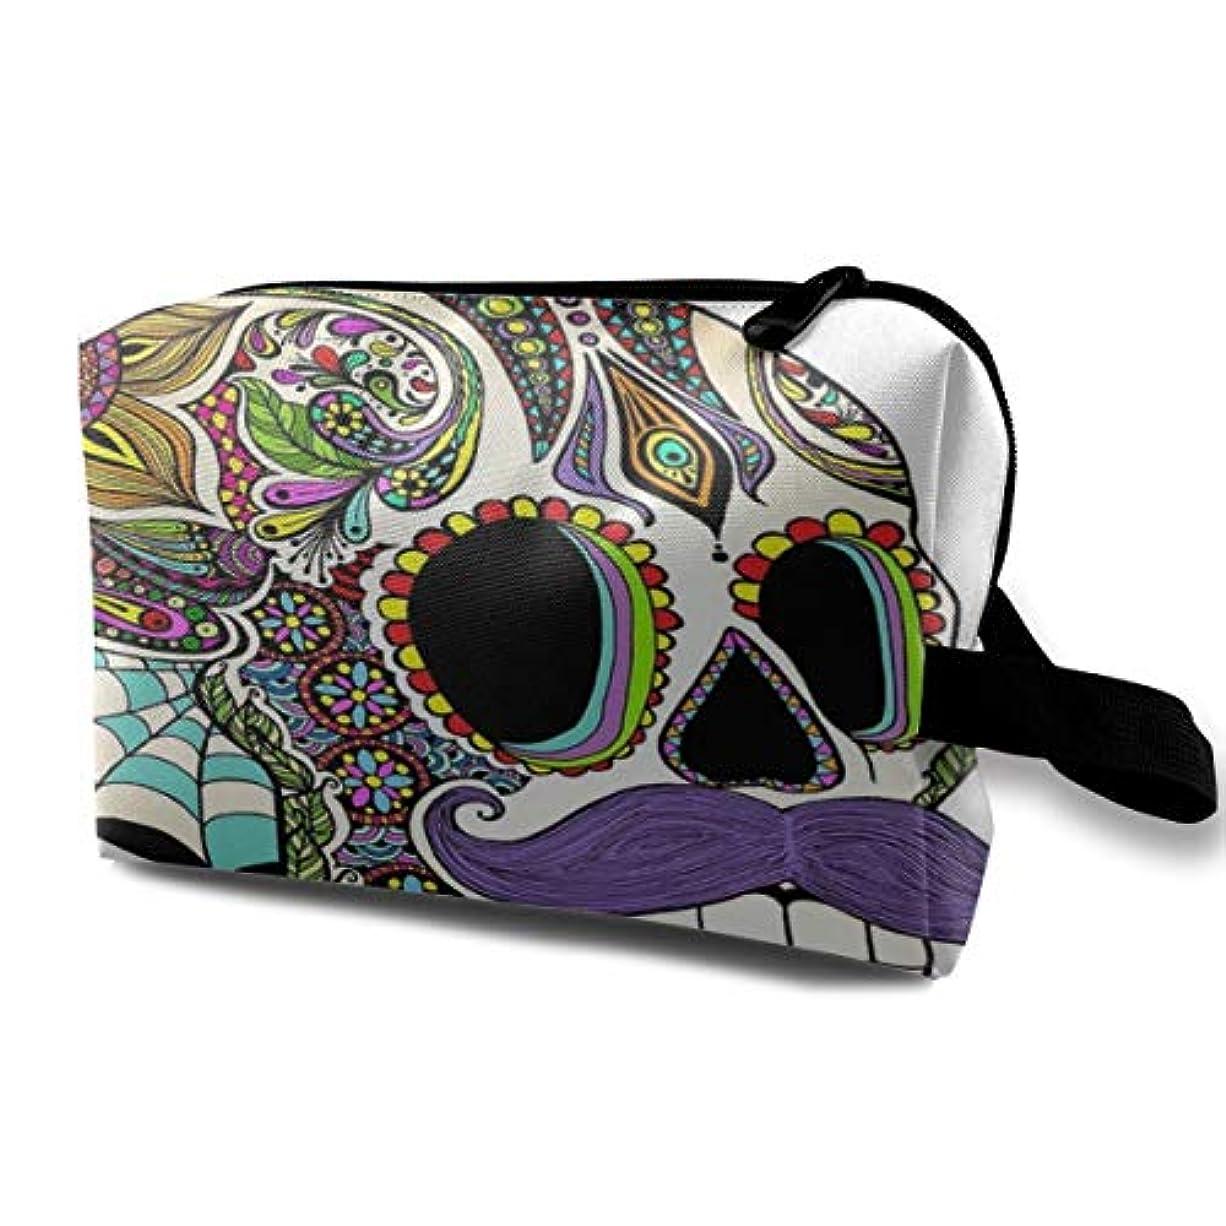 主張する人物変なColorful Aztec Skull Sugar Skull 収納ポーチ 化粧ポーチ 大容量 軽量 耐久性 ハンドル付持ち運び便利。入れ 自宅?出張?旅行?アウトドア撮影などに対応。メンズ レディース トラベルグッズ